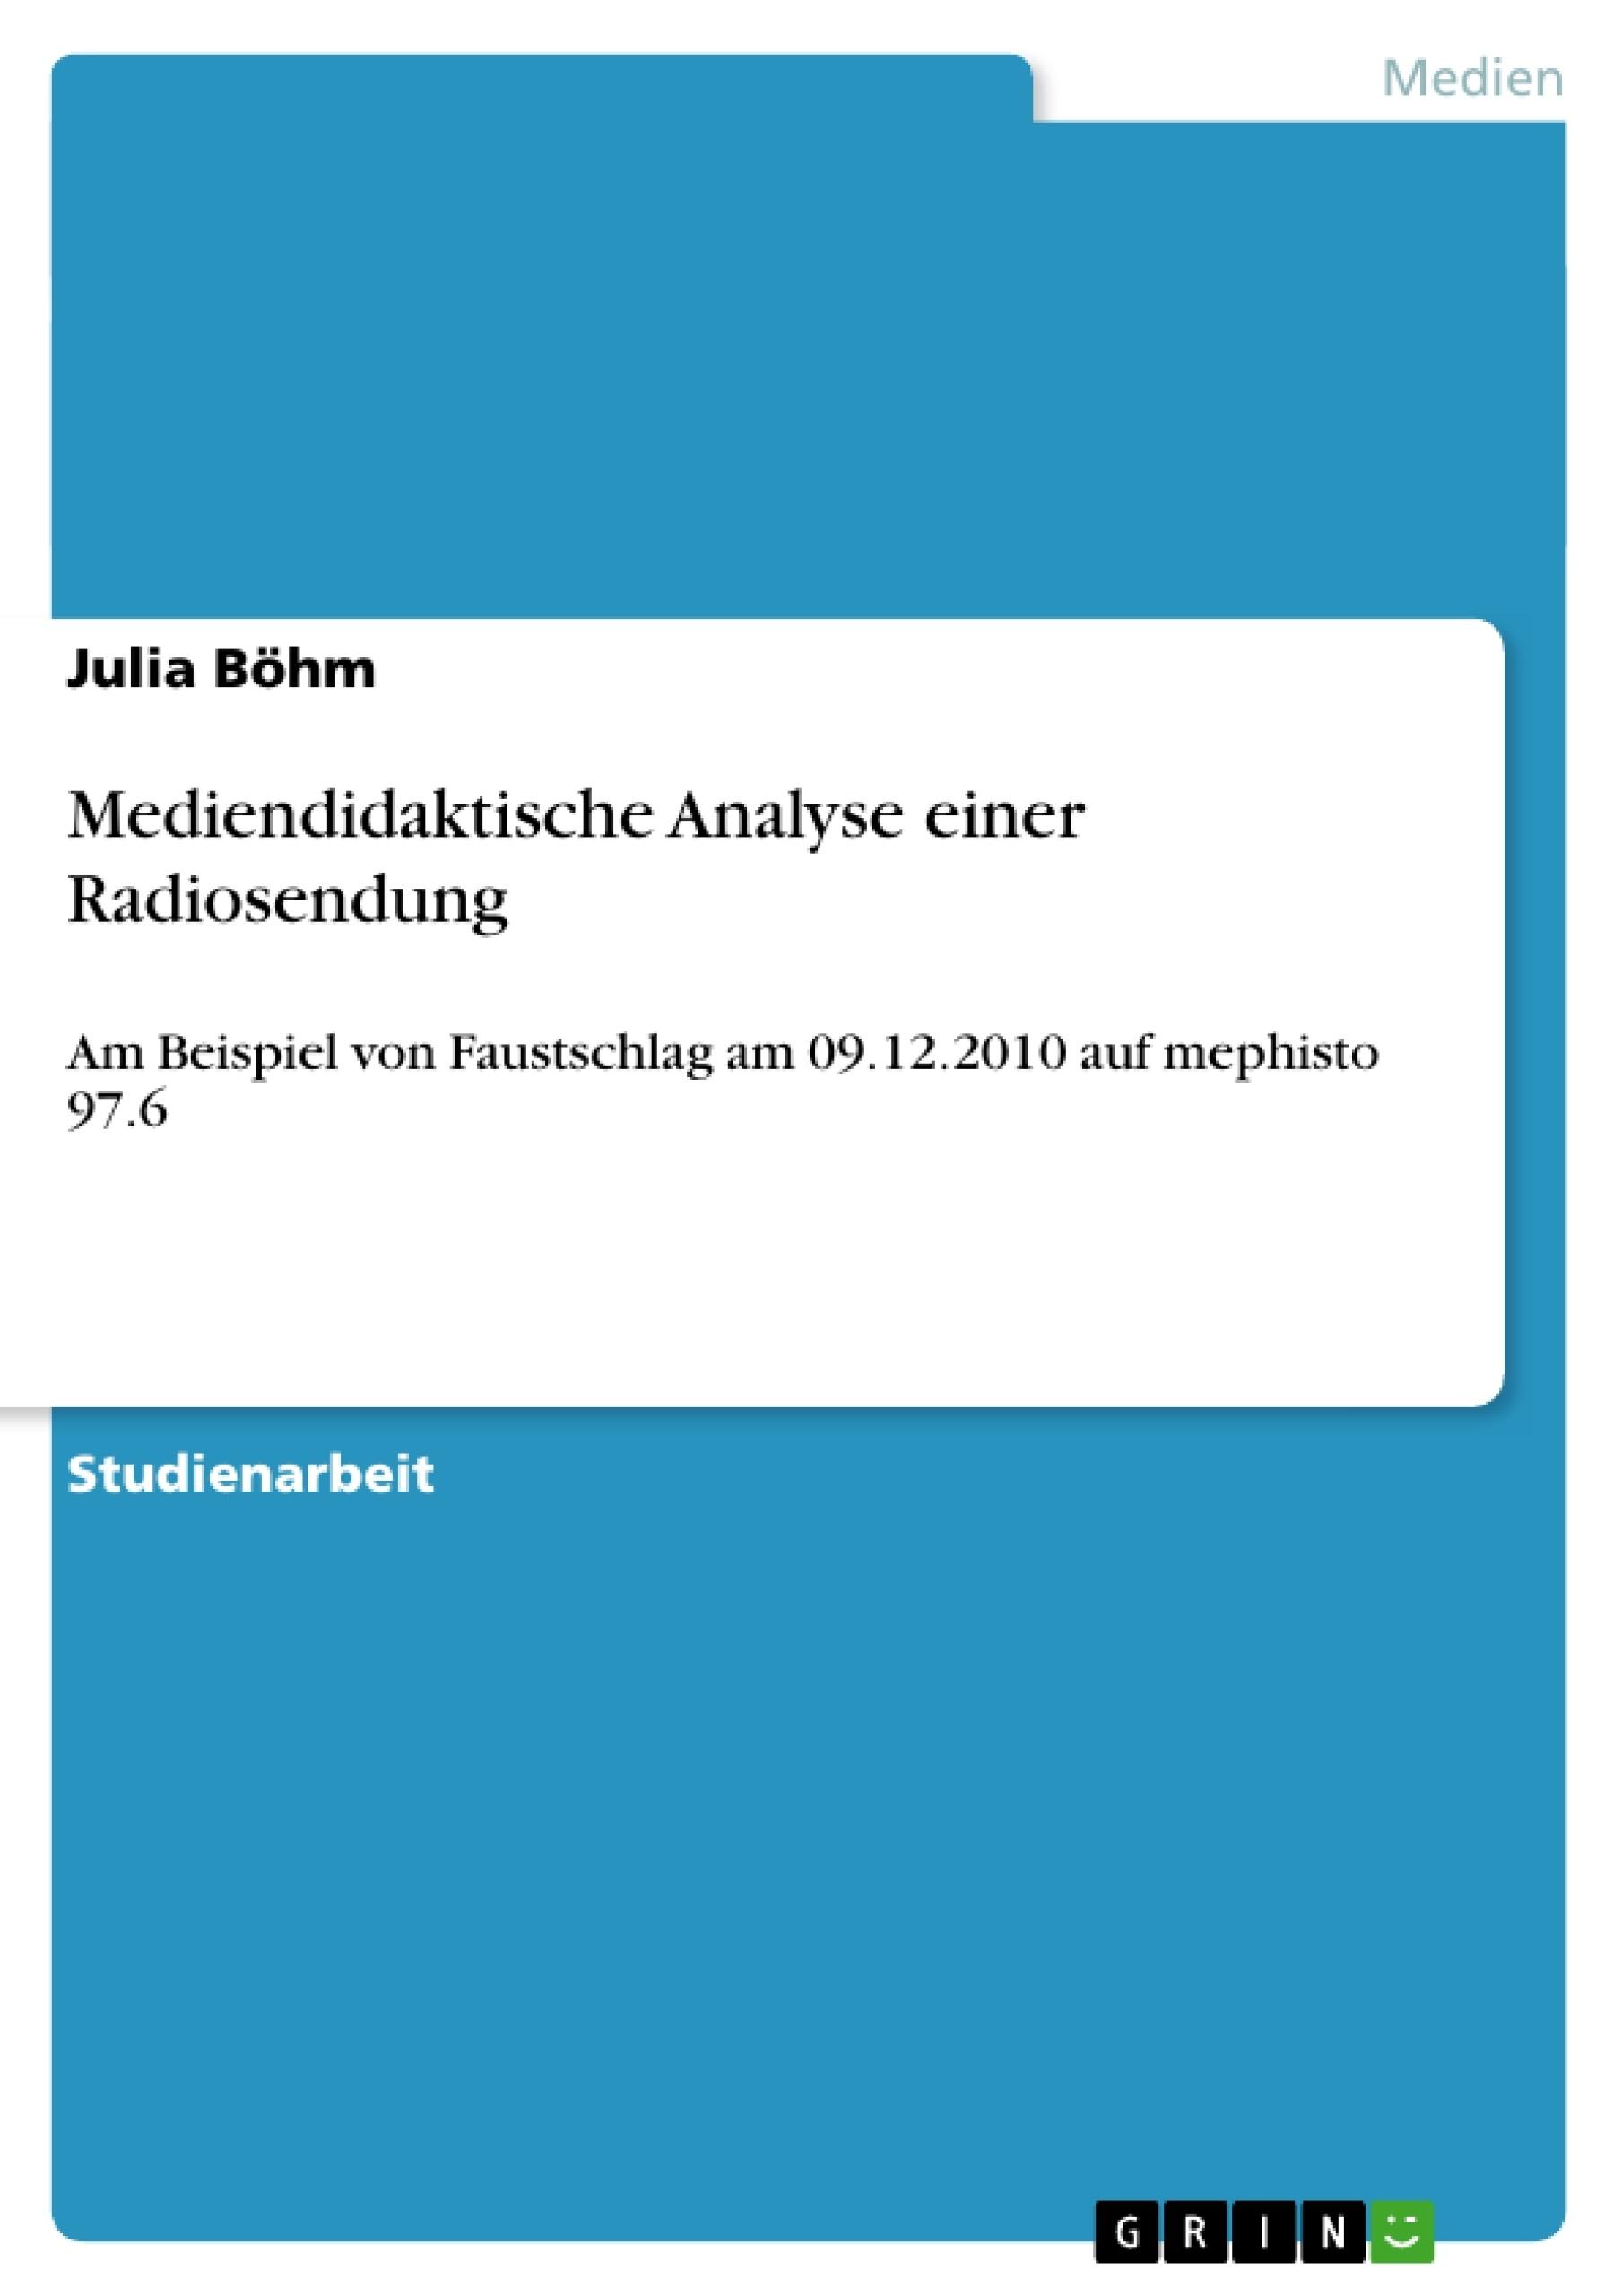 Titel: Mediendidaktische Analyse einer Radiosendung